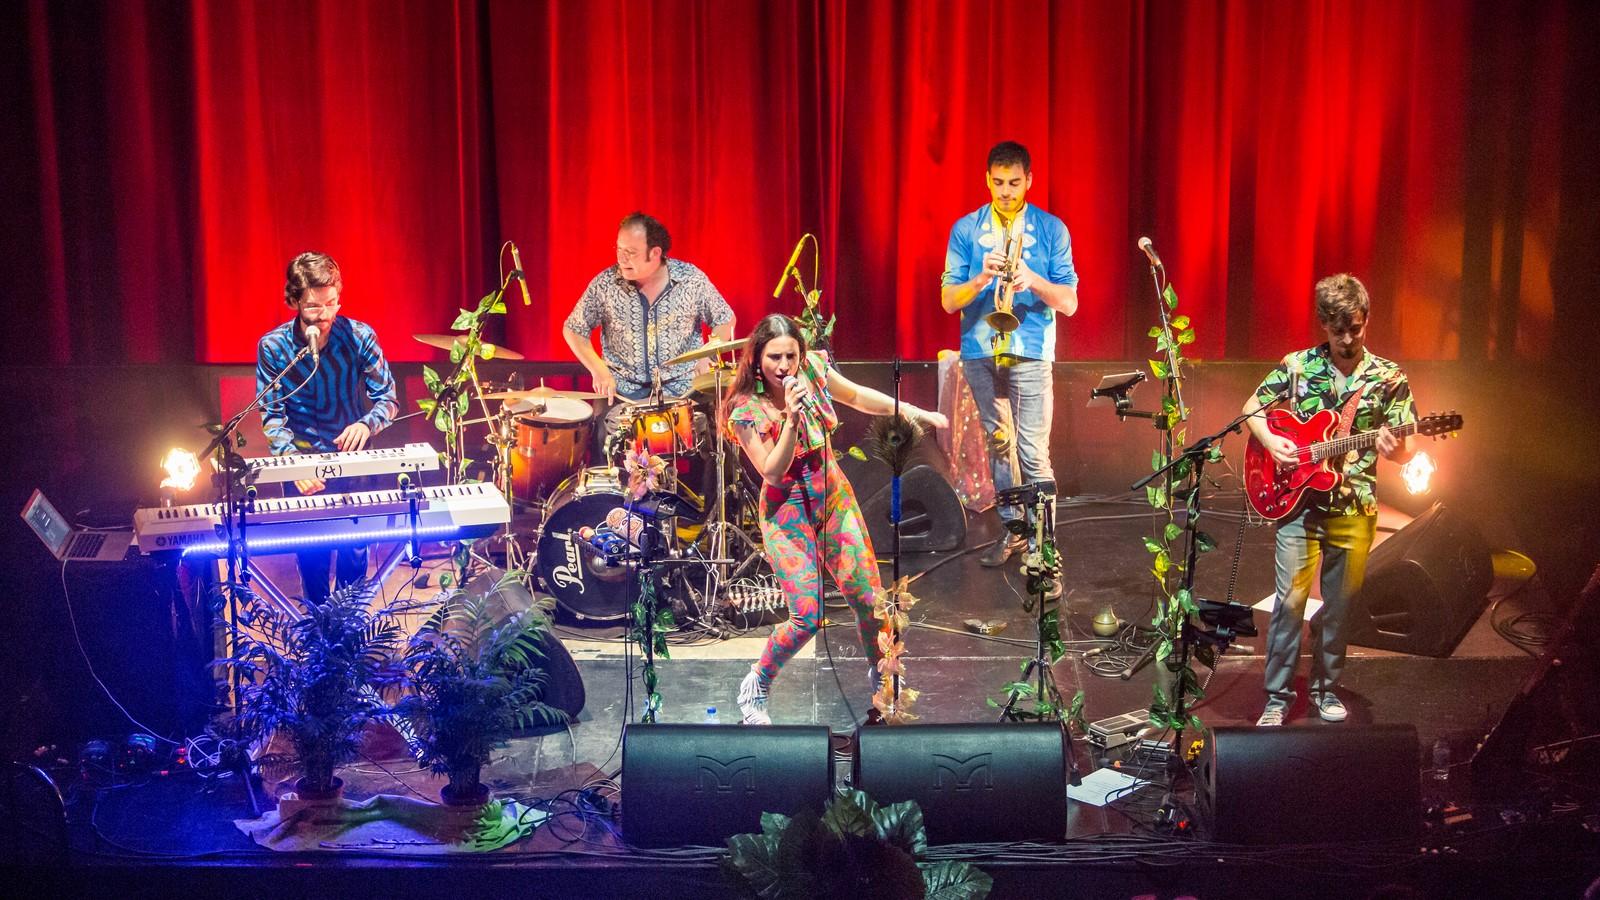 Nastasia Zürcher, neo soul con alma de música del mundo en Lugo